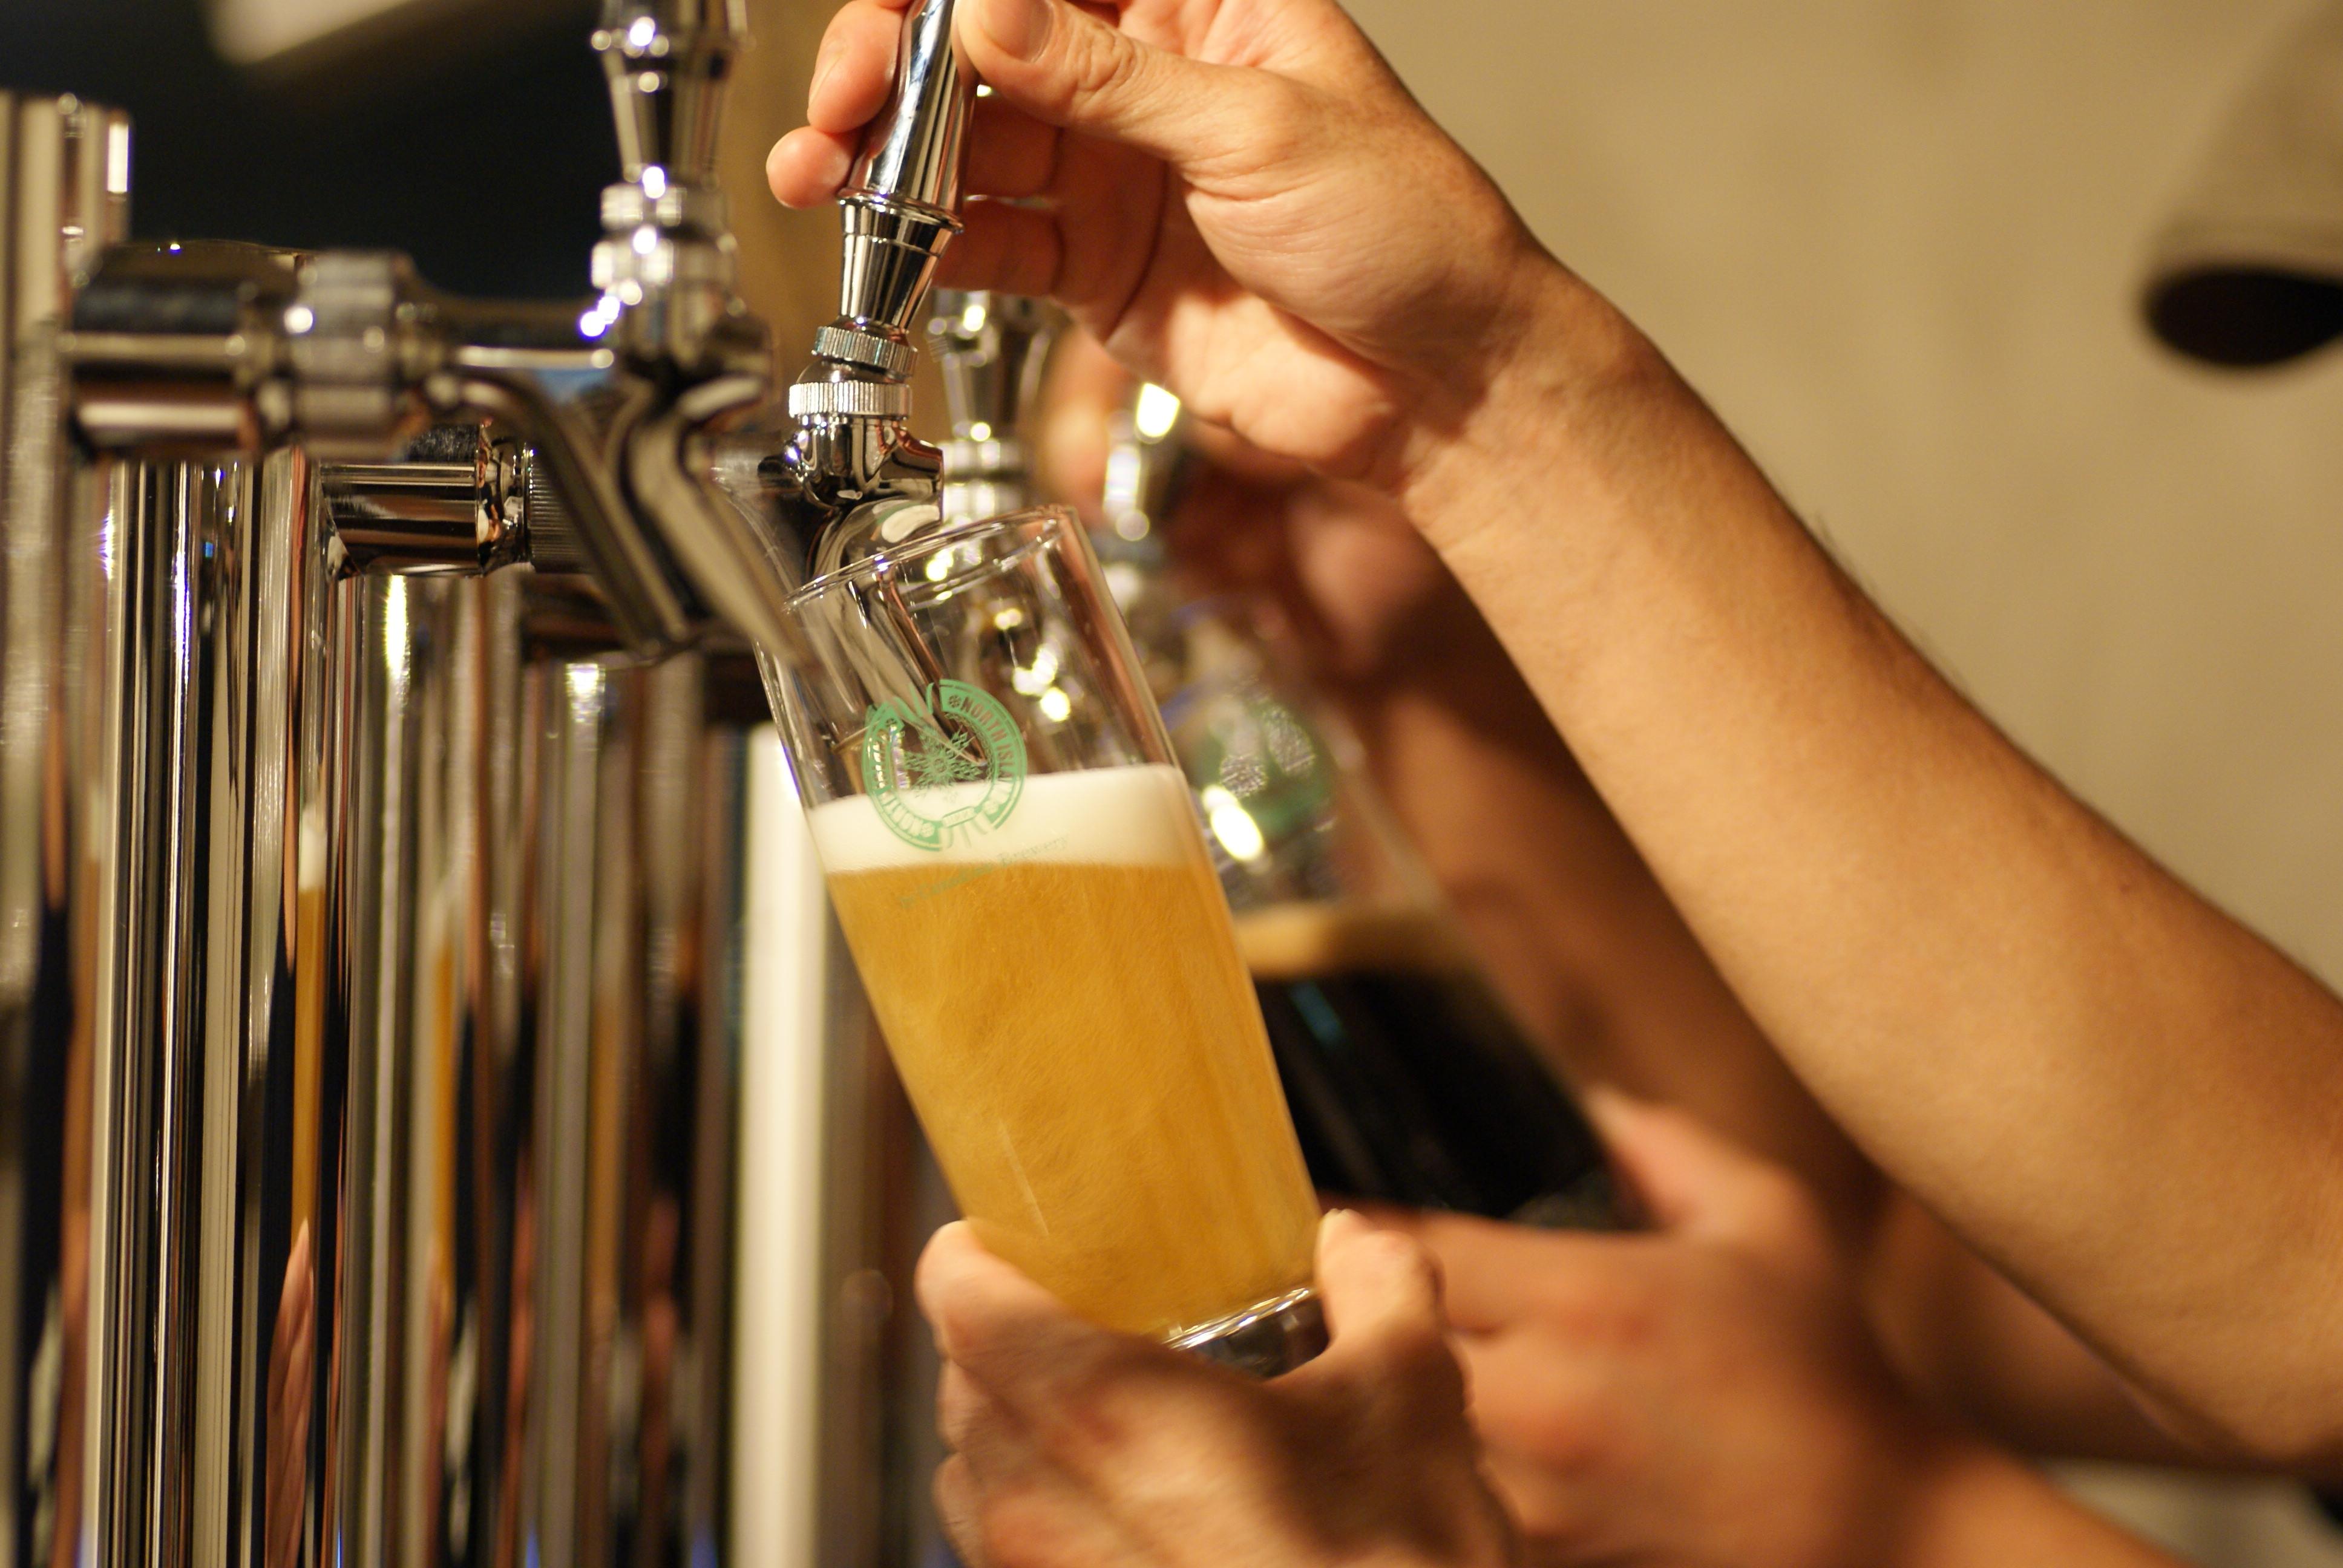 摘みたてホップクラフトビールの集い in 上富良野収穫祭 札幌発着 (10/15) 札幌